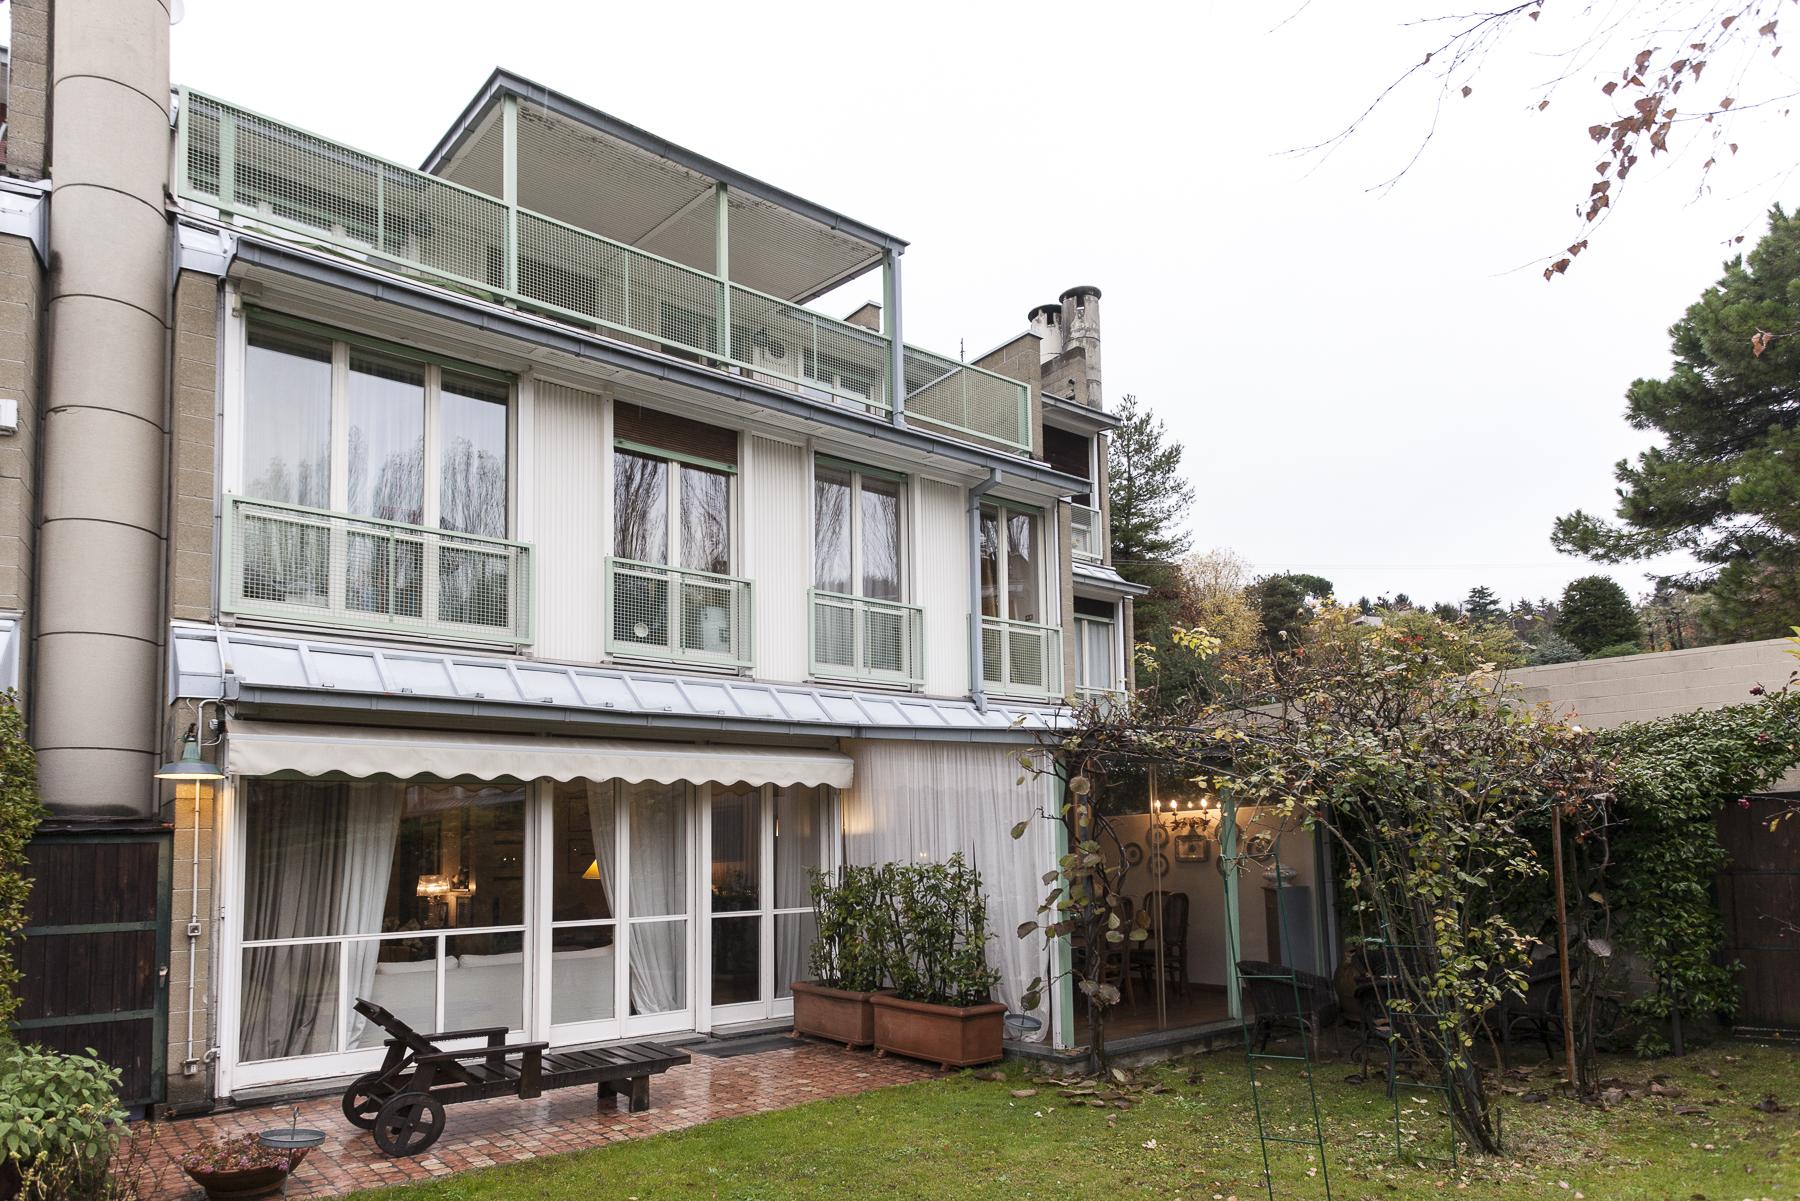 Villa in Vendita a Torino: 5 locali, 280 mq